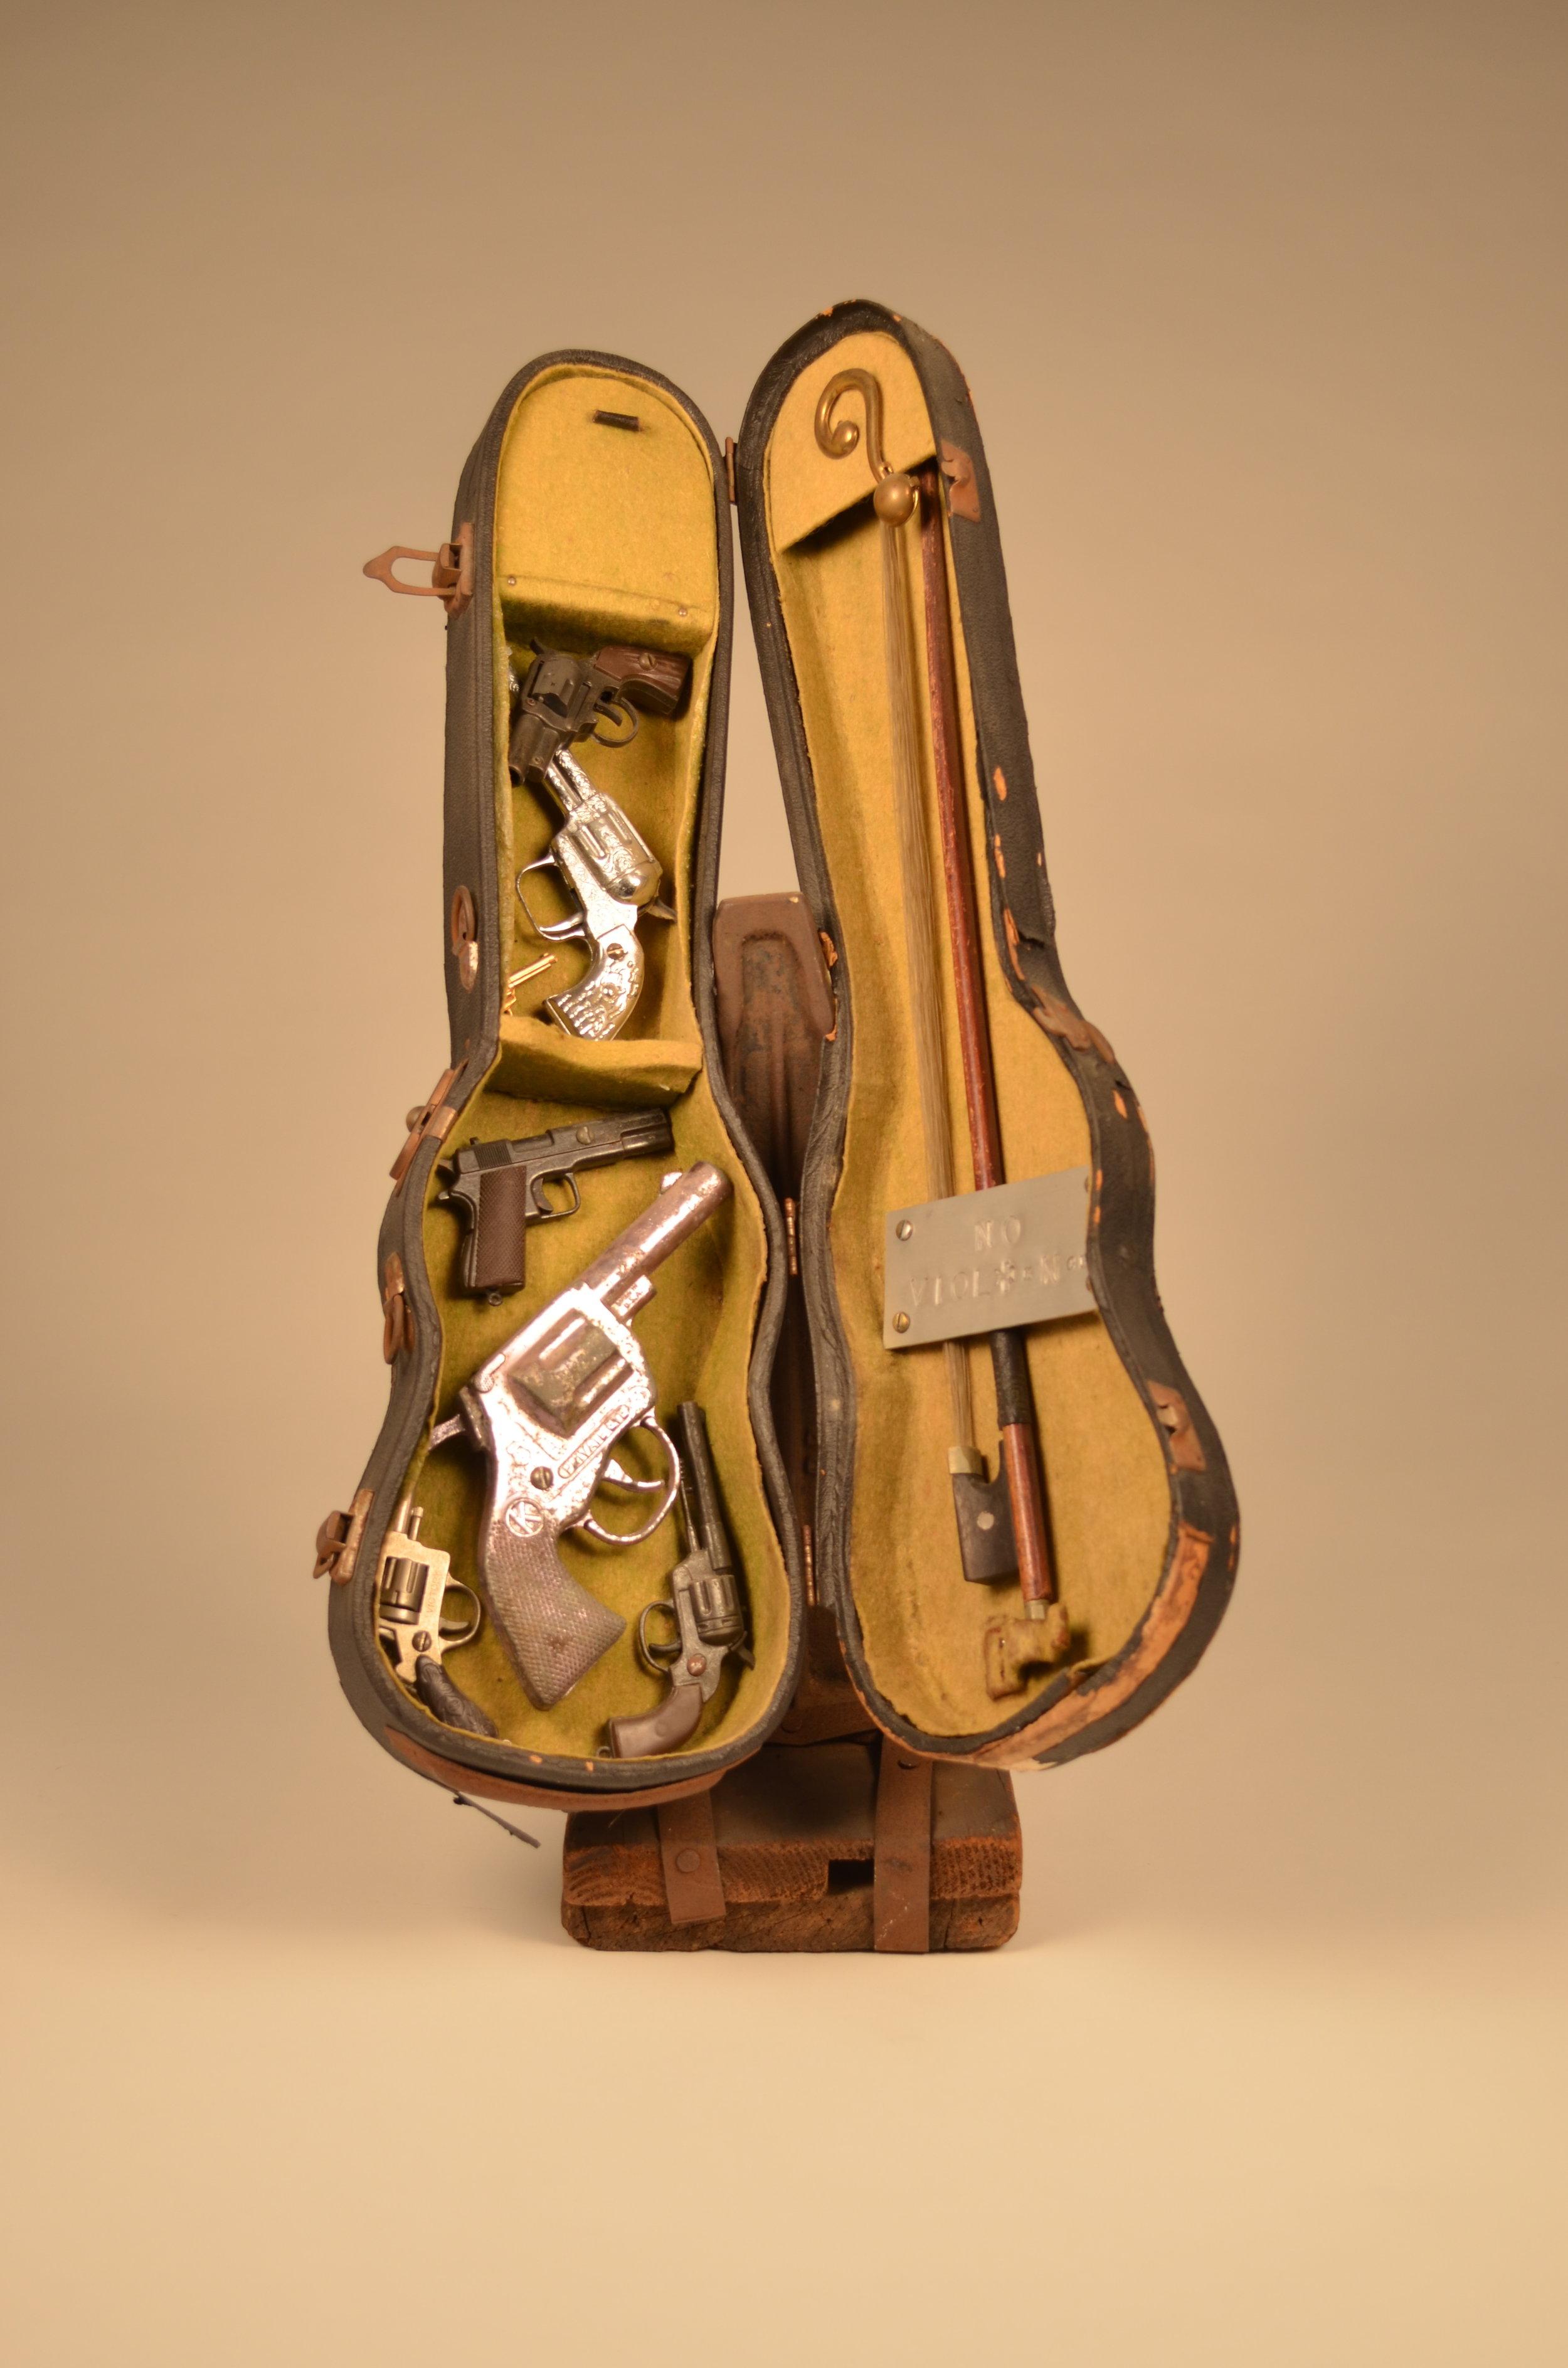 No Violin(ence).